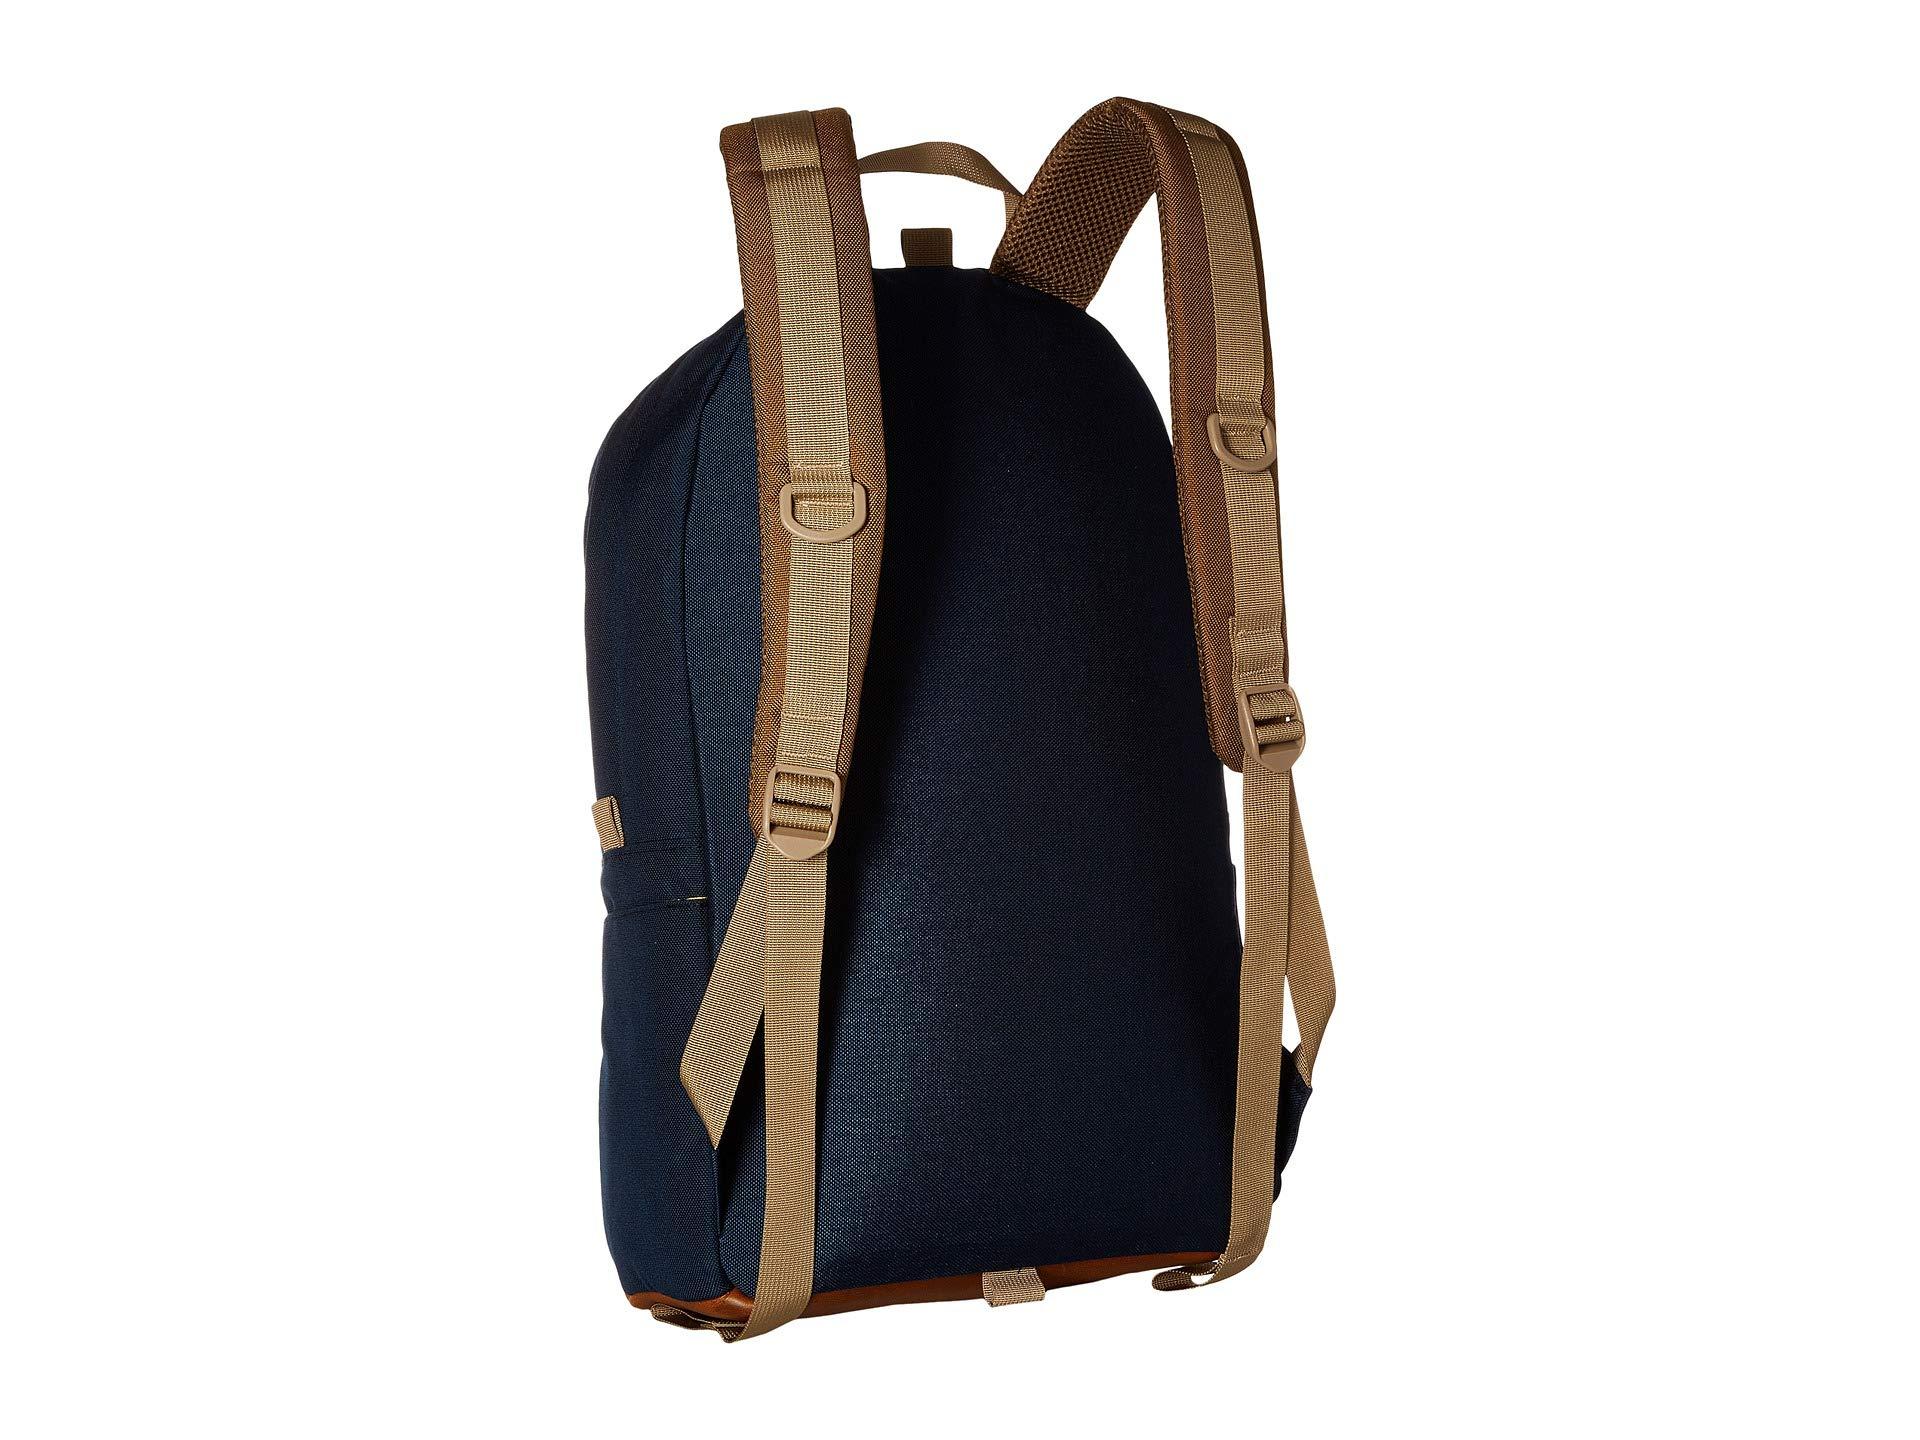 Navy Daypack Topo Topo Designs Daypack Designs Designs Navy Daypack Leather Leather Topo IdtFqxF0